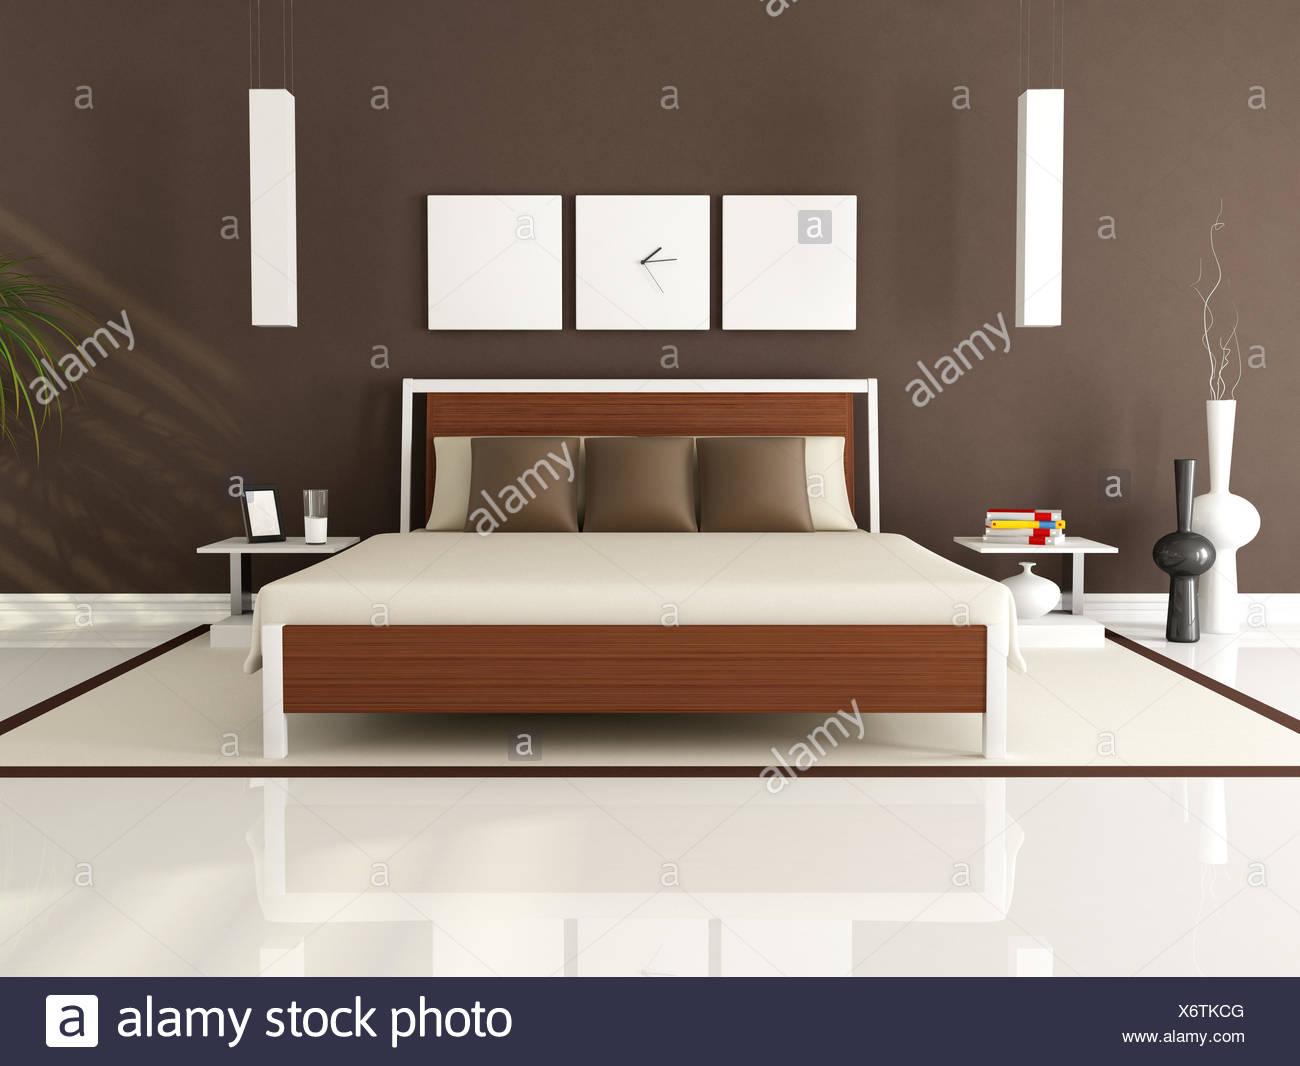 Arredamento camera letto parete interna camera da letto ...